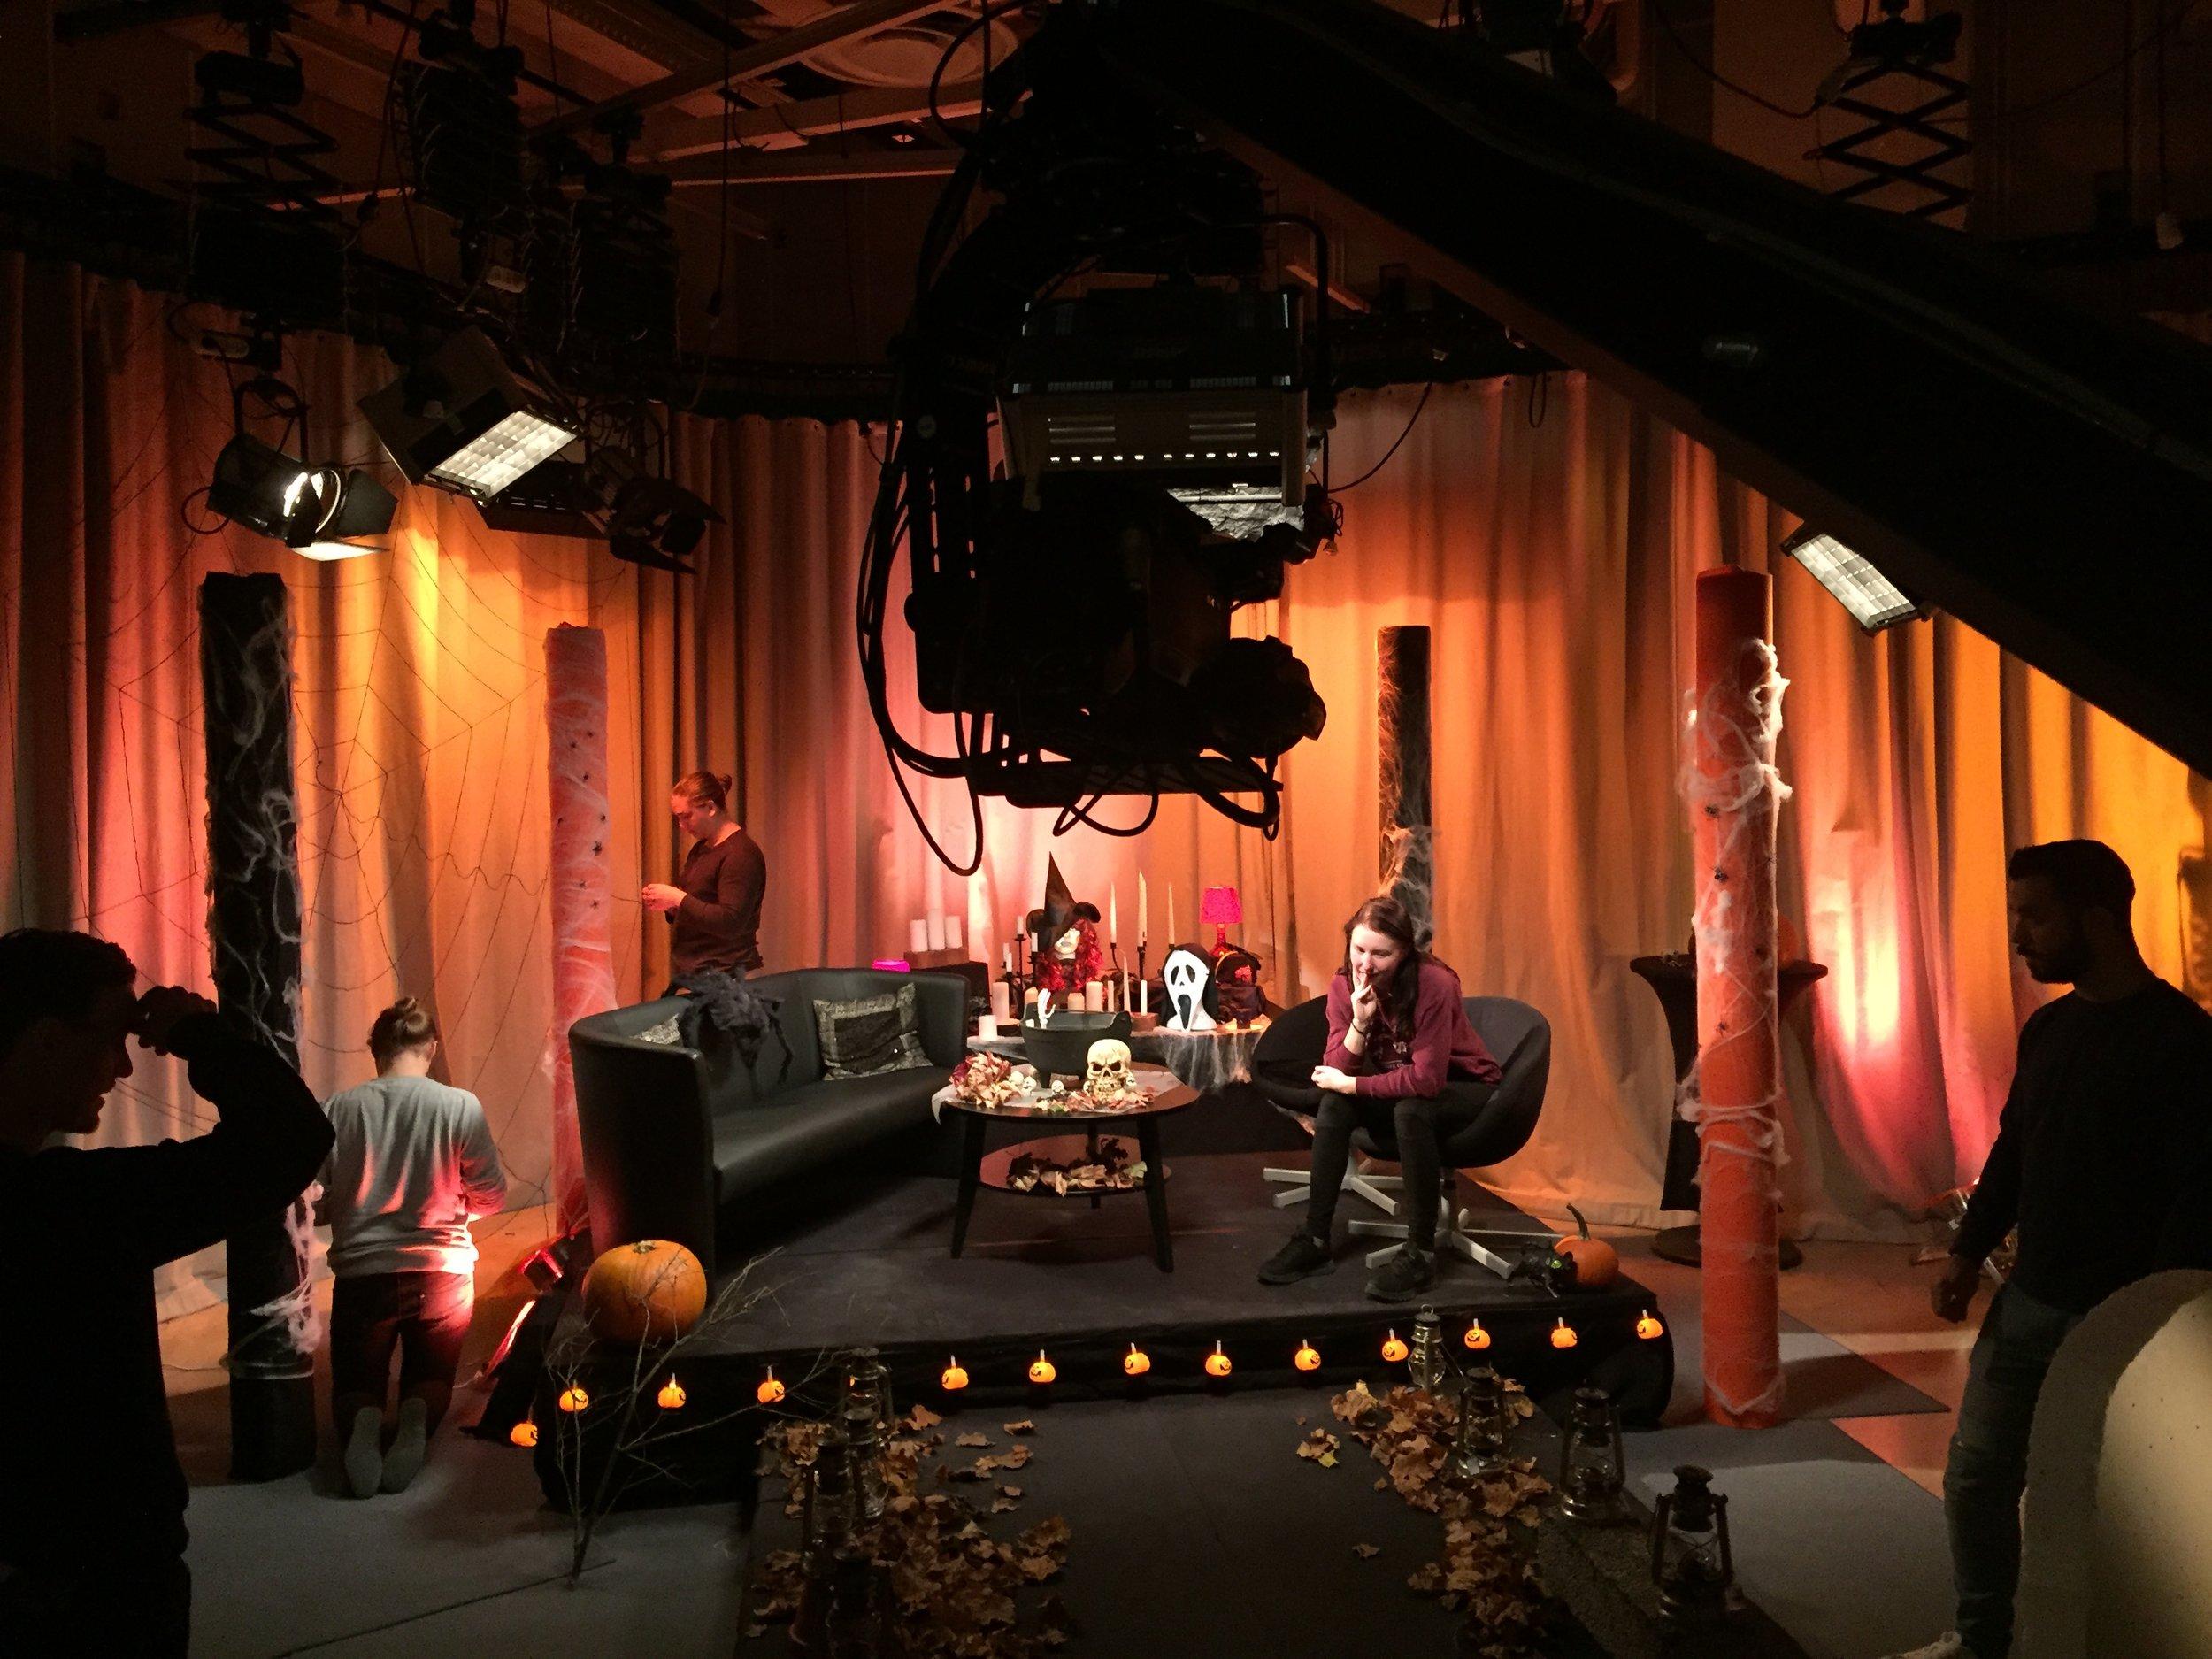 Liveklassen 2018 har skräcktema i tv-studion. Linnea Blocksjö sitter och funderar över hur utformningen av scenografin ska göras